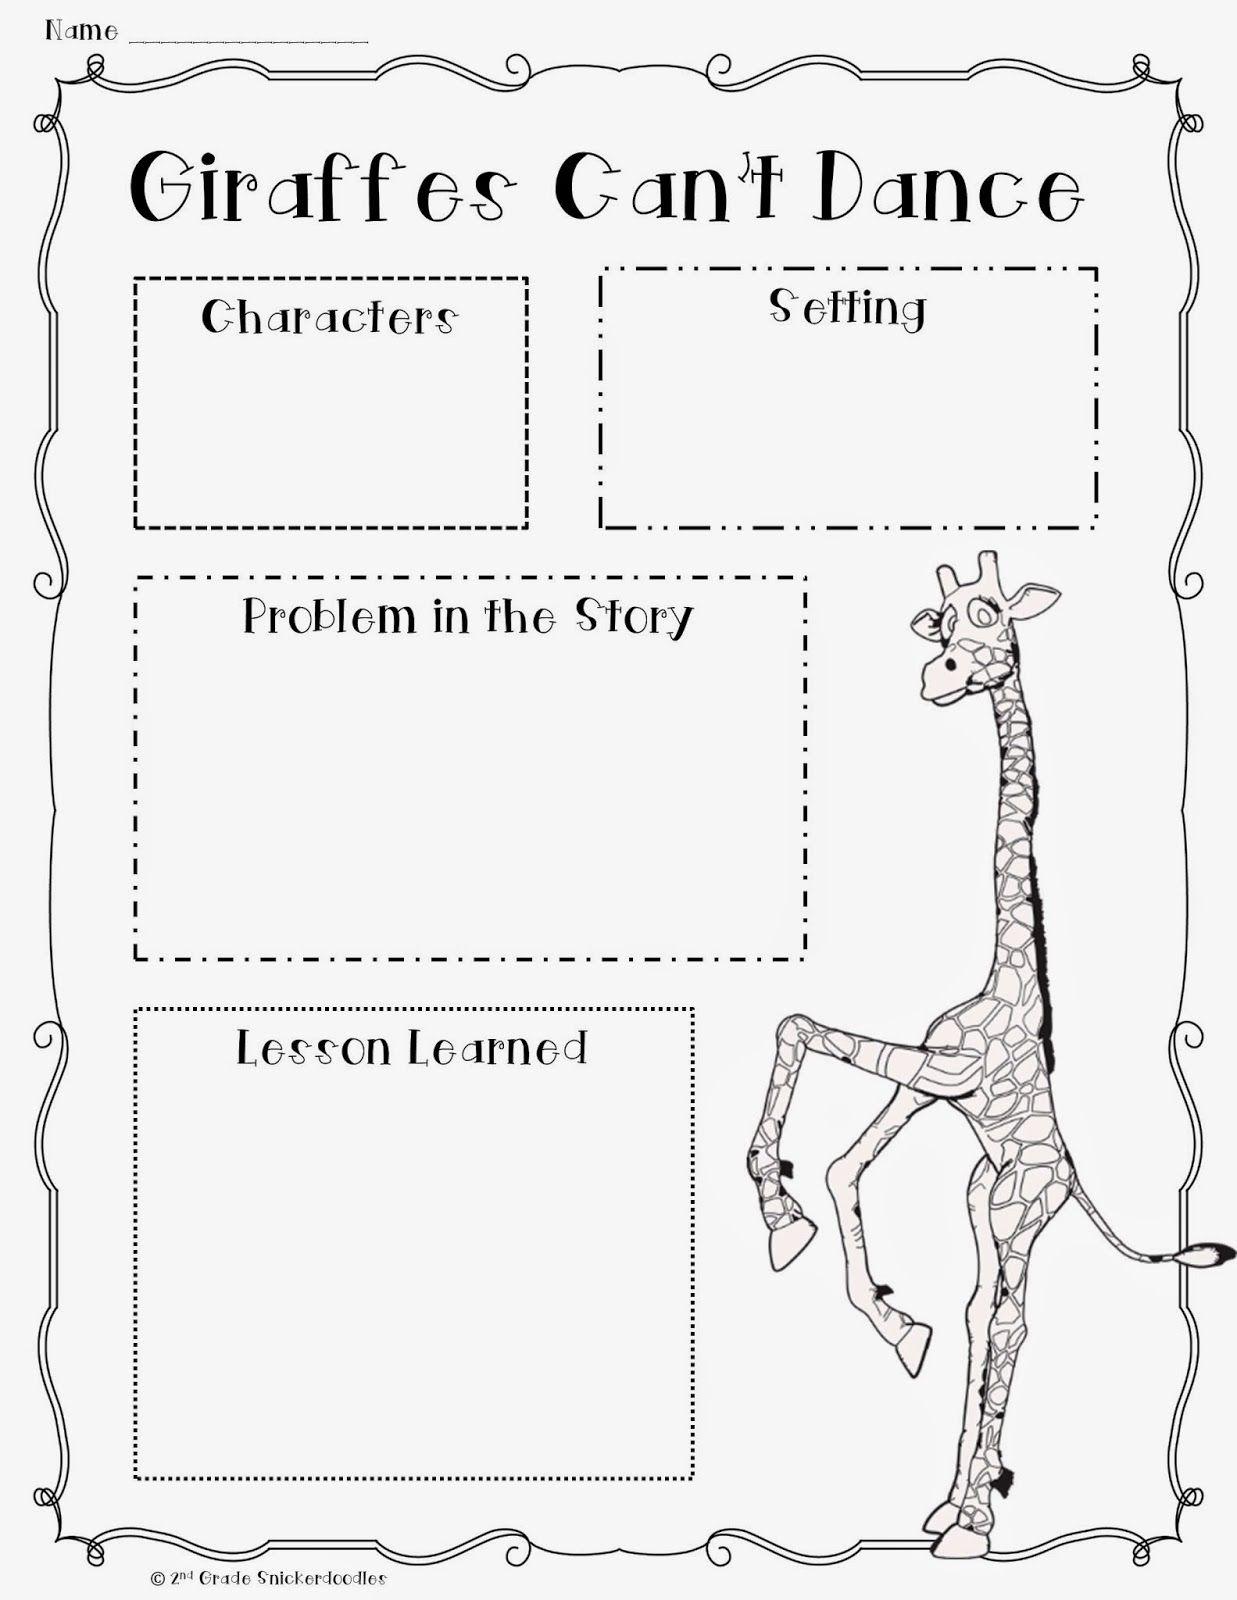 2nd Grade Snickerdoodles: Giraffes Can't Dance Book Chat Fun   Giraffes  cant dance [ 1600 x 1237 Pixel ]